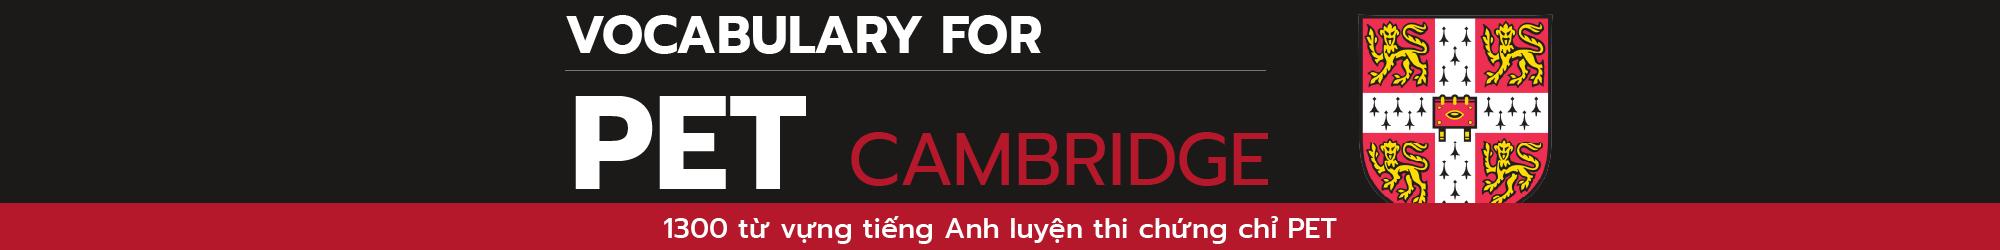 VOCA FOR CAMBRIDGE PET